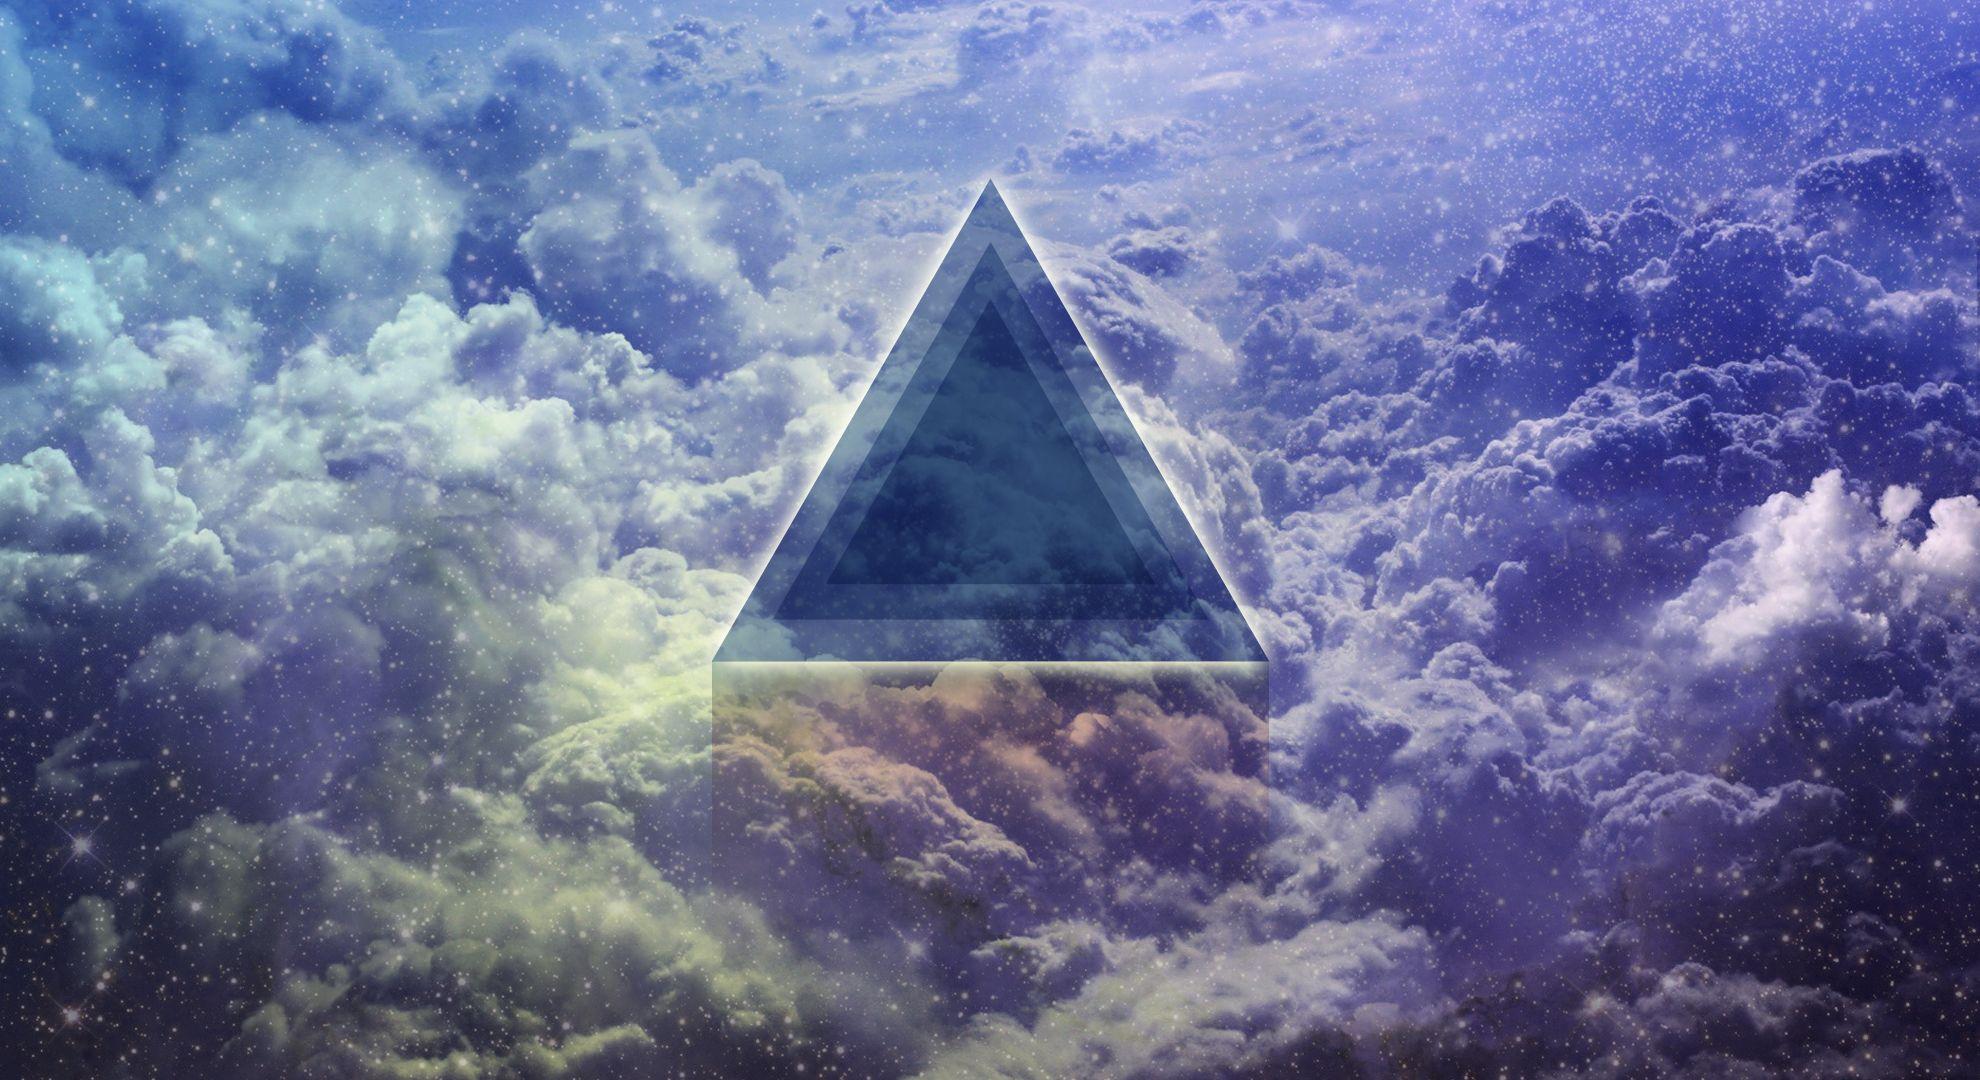 красивые картинки в треугольниках самого